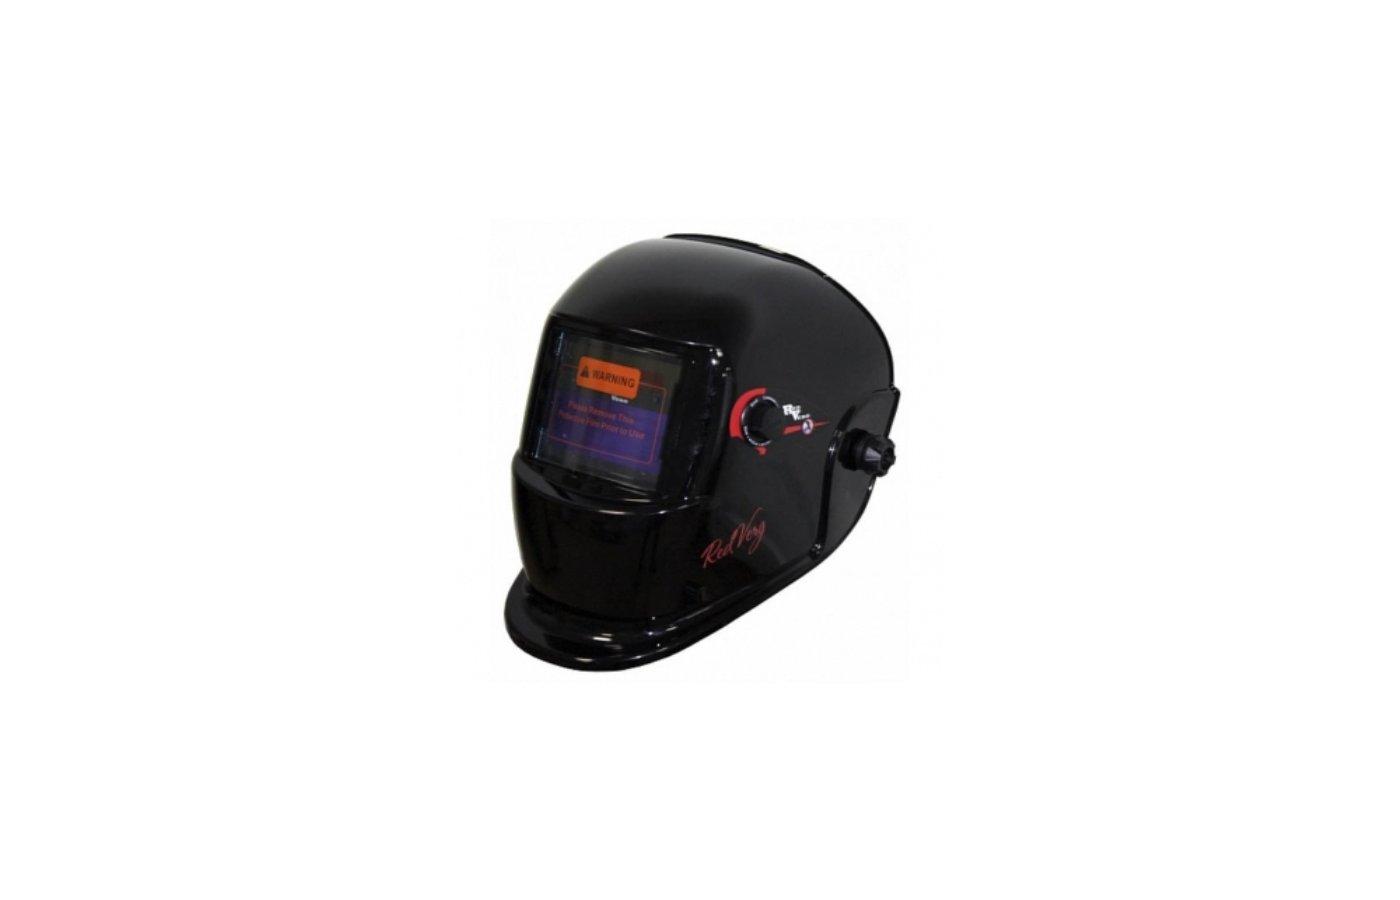 Маска сварщика RedVerg RD-WM405 Маска сварщика